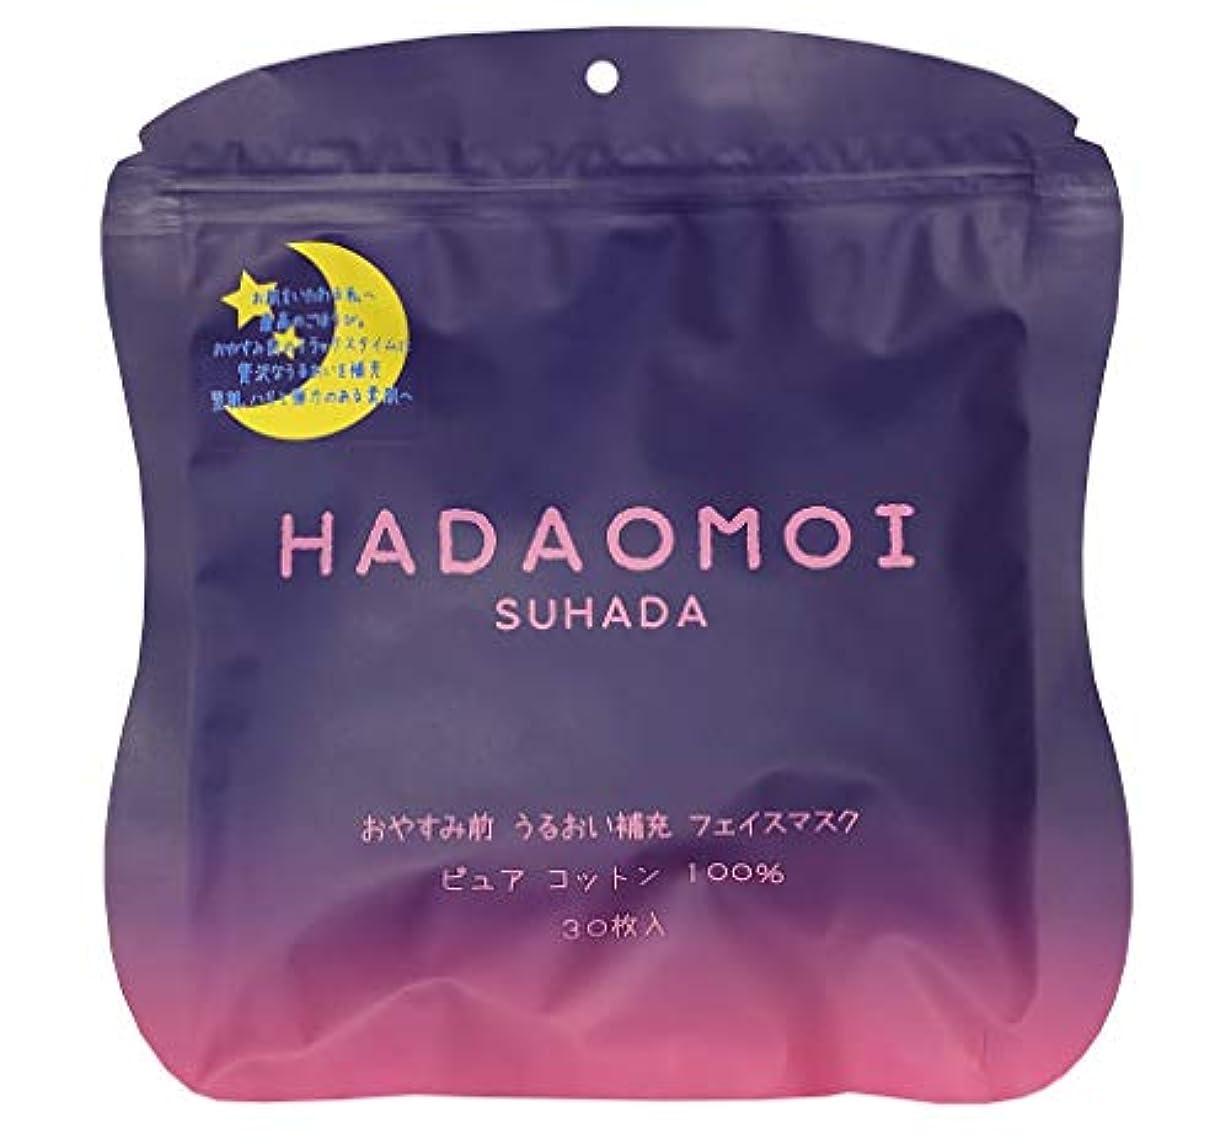 最も遠い車両適用するHADAOMOI(ハダオモイ) おやすみ前 うるおい補充 フェイスマスク 30枚入